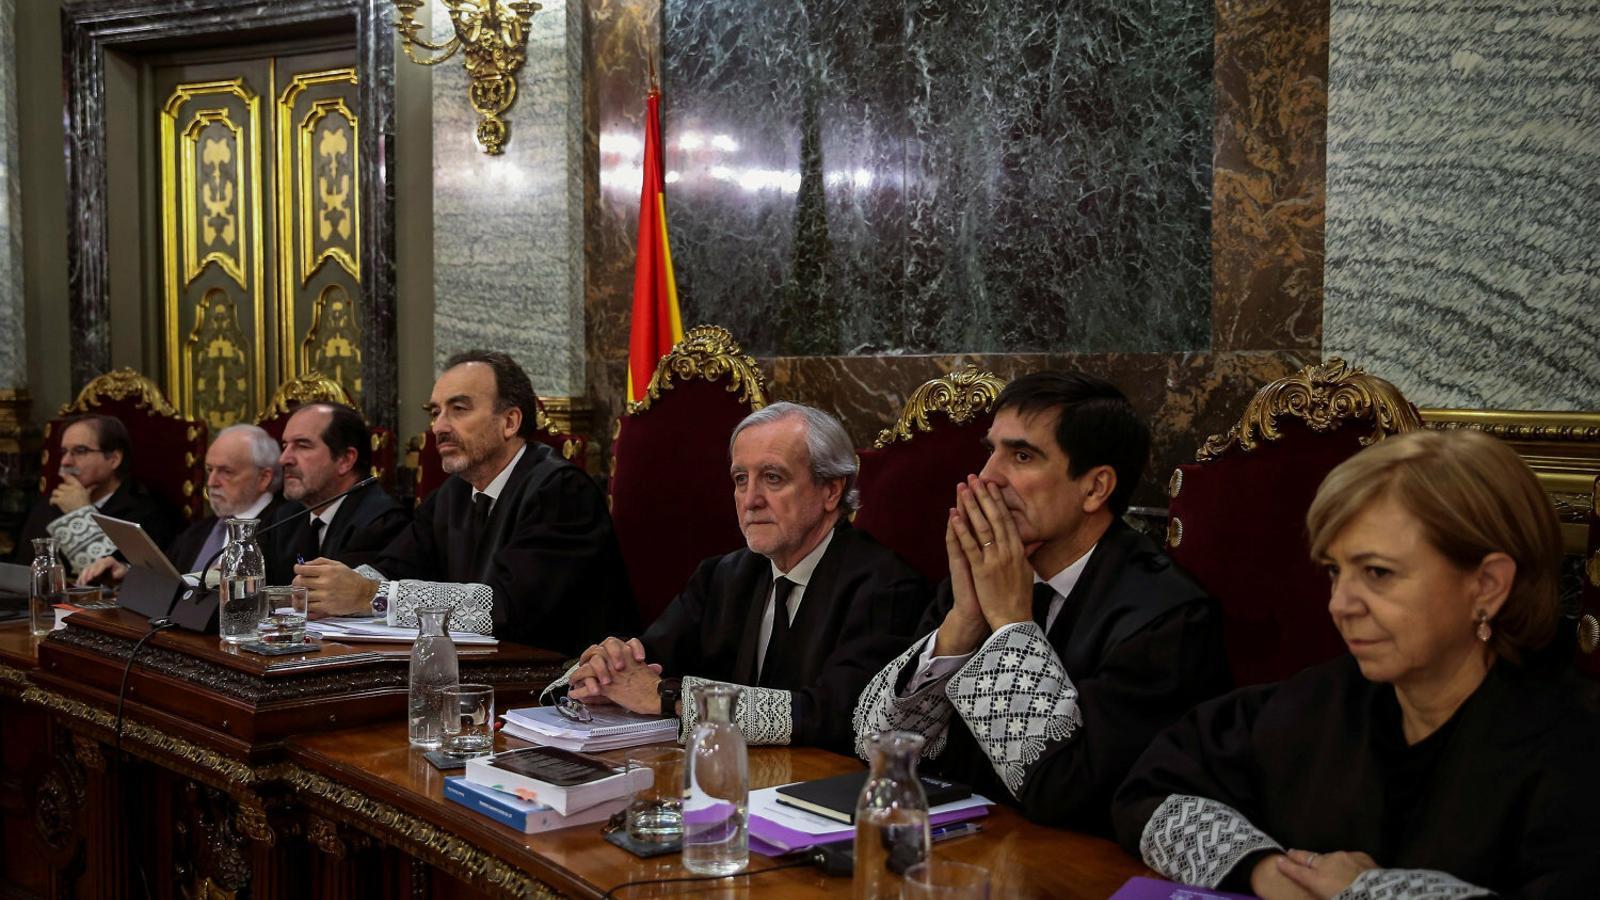 La Moncloa espera una sentència per sedició